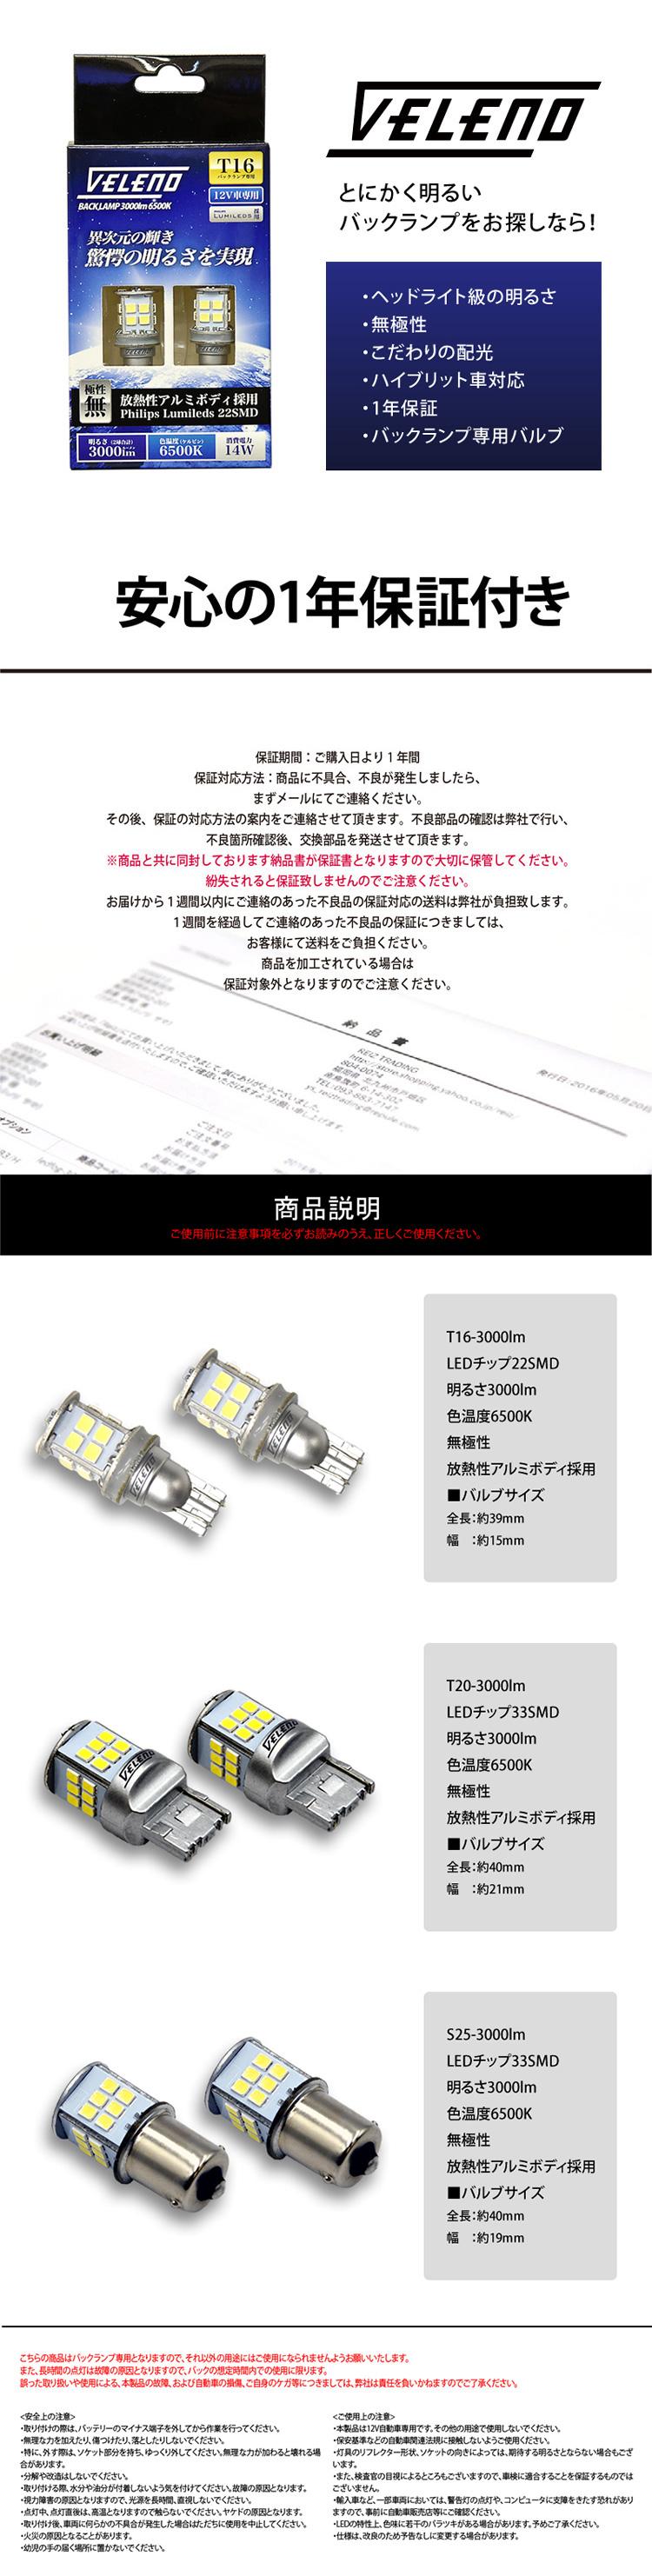 T16,T20,S25,LEDバックランプ,VELENO,3000lm,LED,バックランプ,純正同様,無極性,ハイブリット車対応,2球セット,送料無料